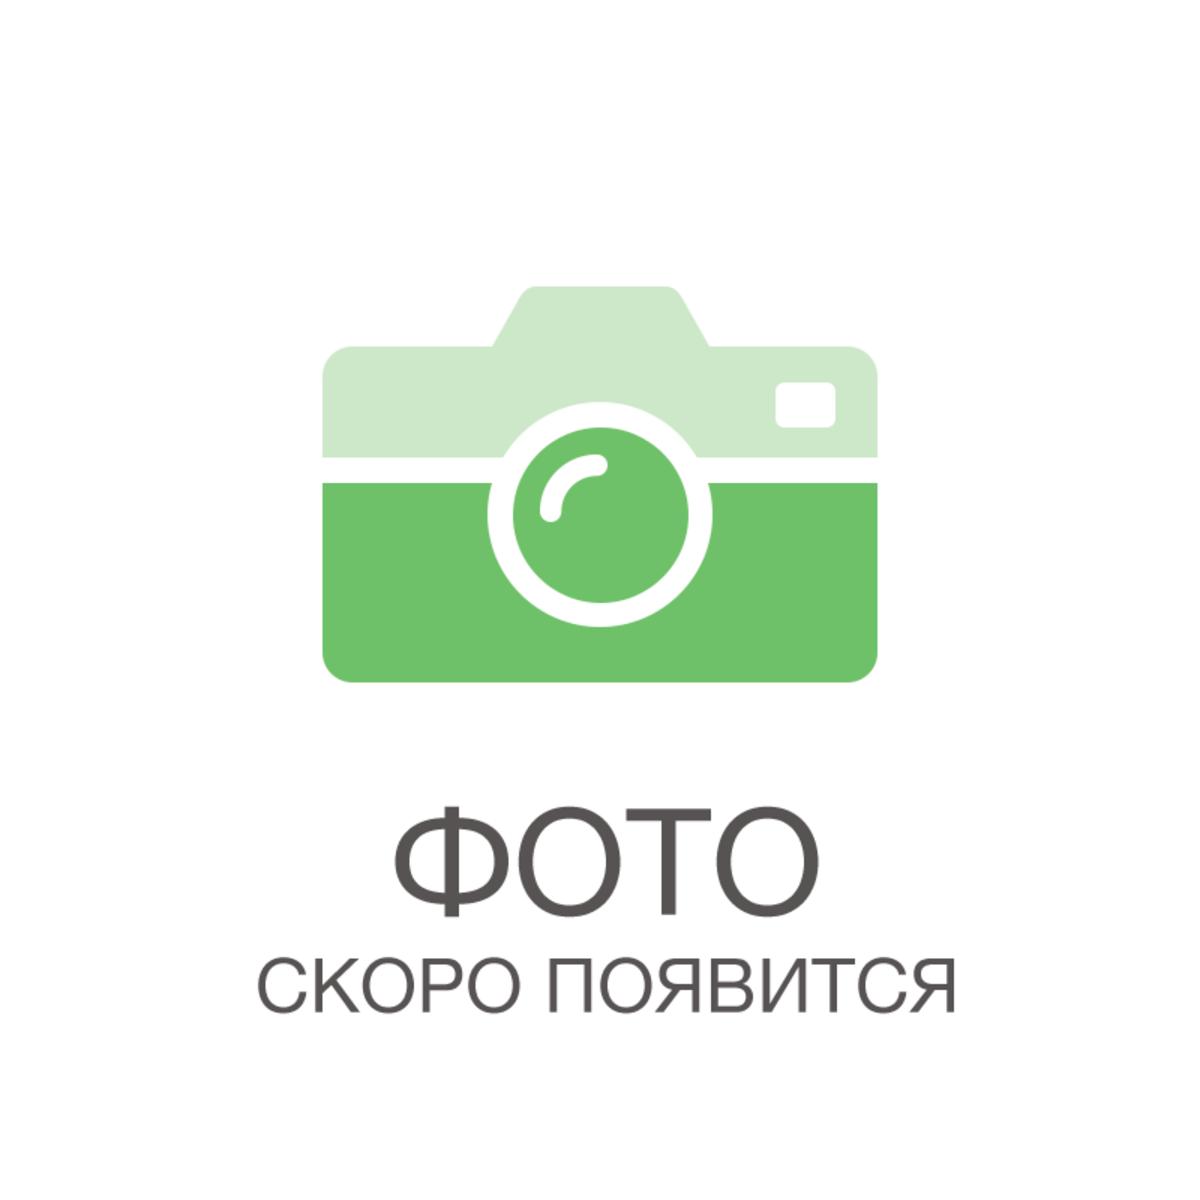 Светильник ЖКХ светодиодный Gauss 12 Вт IP65 накладной круг нейтральный белый свет цвет белый